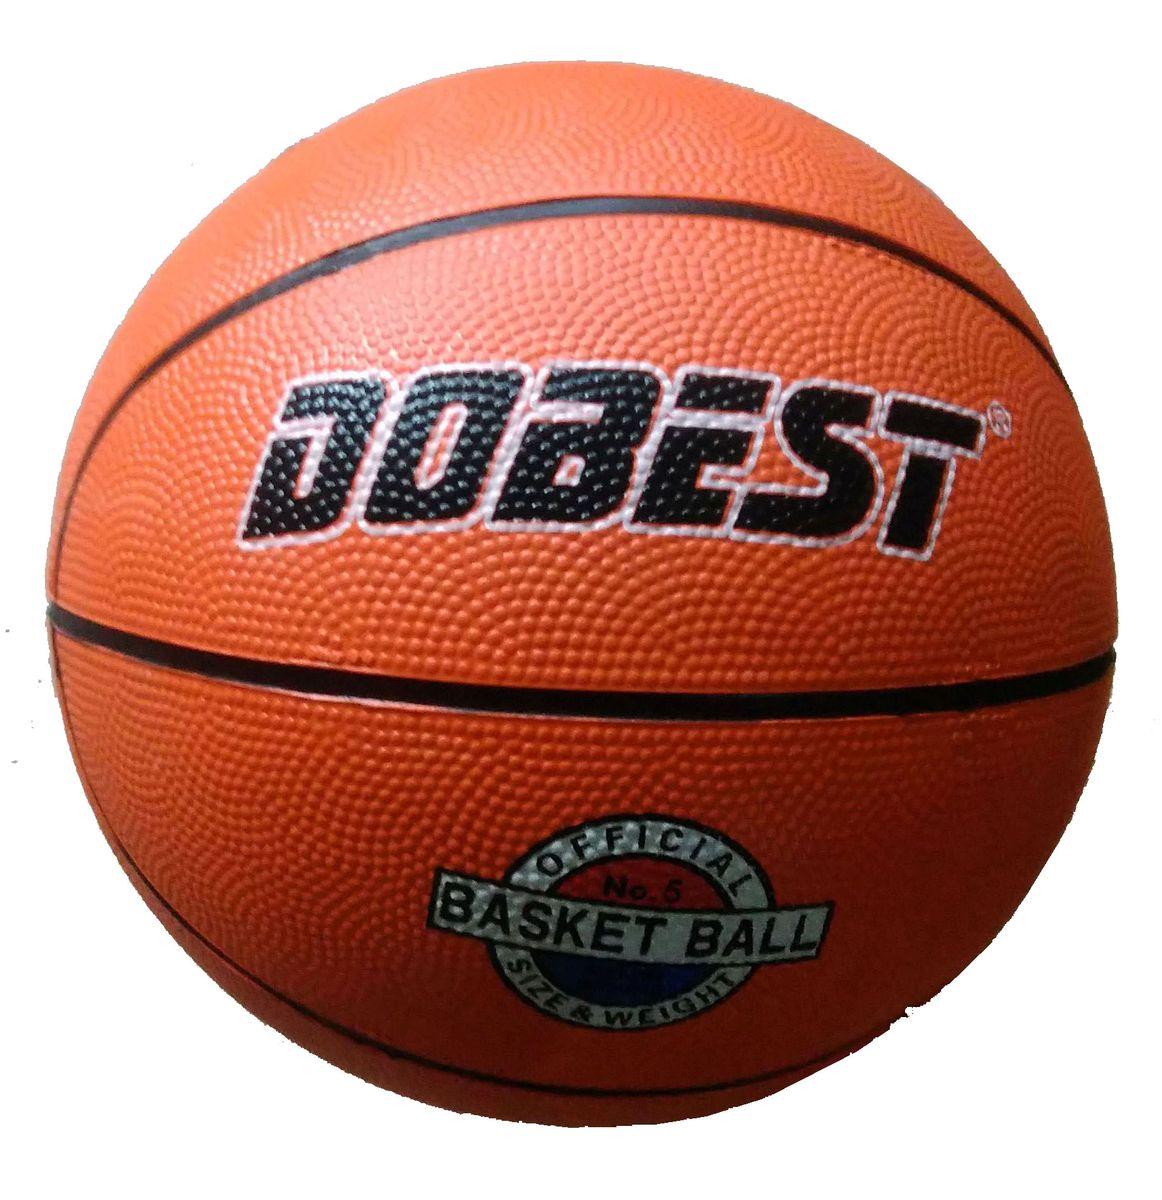 Мяч баскетбольный Dobest RB5, цвет: оранжевый. Размер 528263526Баскетбольный мяч DoBest RB5 рекомендован для мини-баскетбола и подростковых команд, за которые играют дети в возрасте до 12 лет. Ни для кого не секрет, что активные нагрузки очень полезны для человеческого организма. А баскетбол, - это одна из тех игр, в которых активно работают практически все мышцы тела, тренируются лёгкие, выносливость.Этот мяч подходит для игры на улице и в зале.